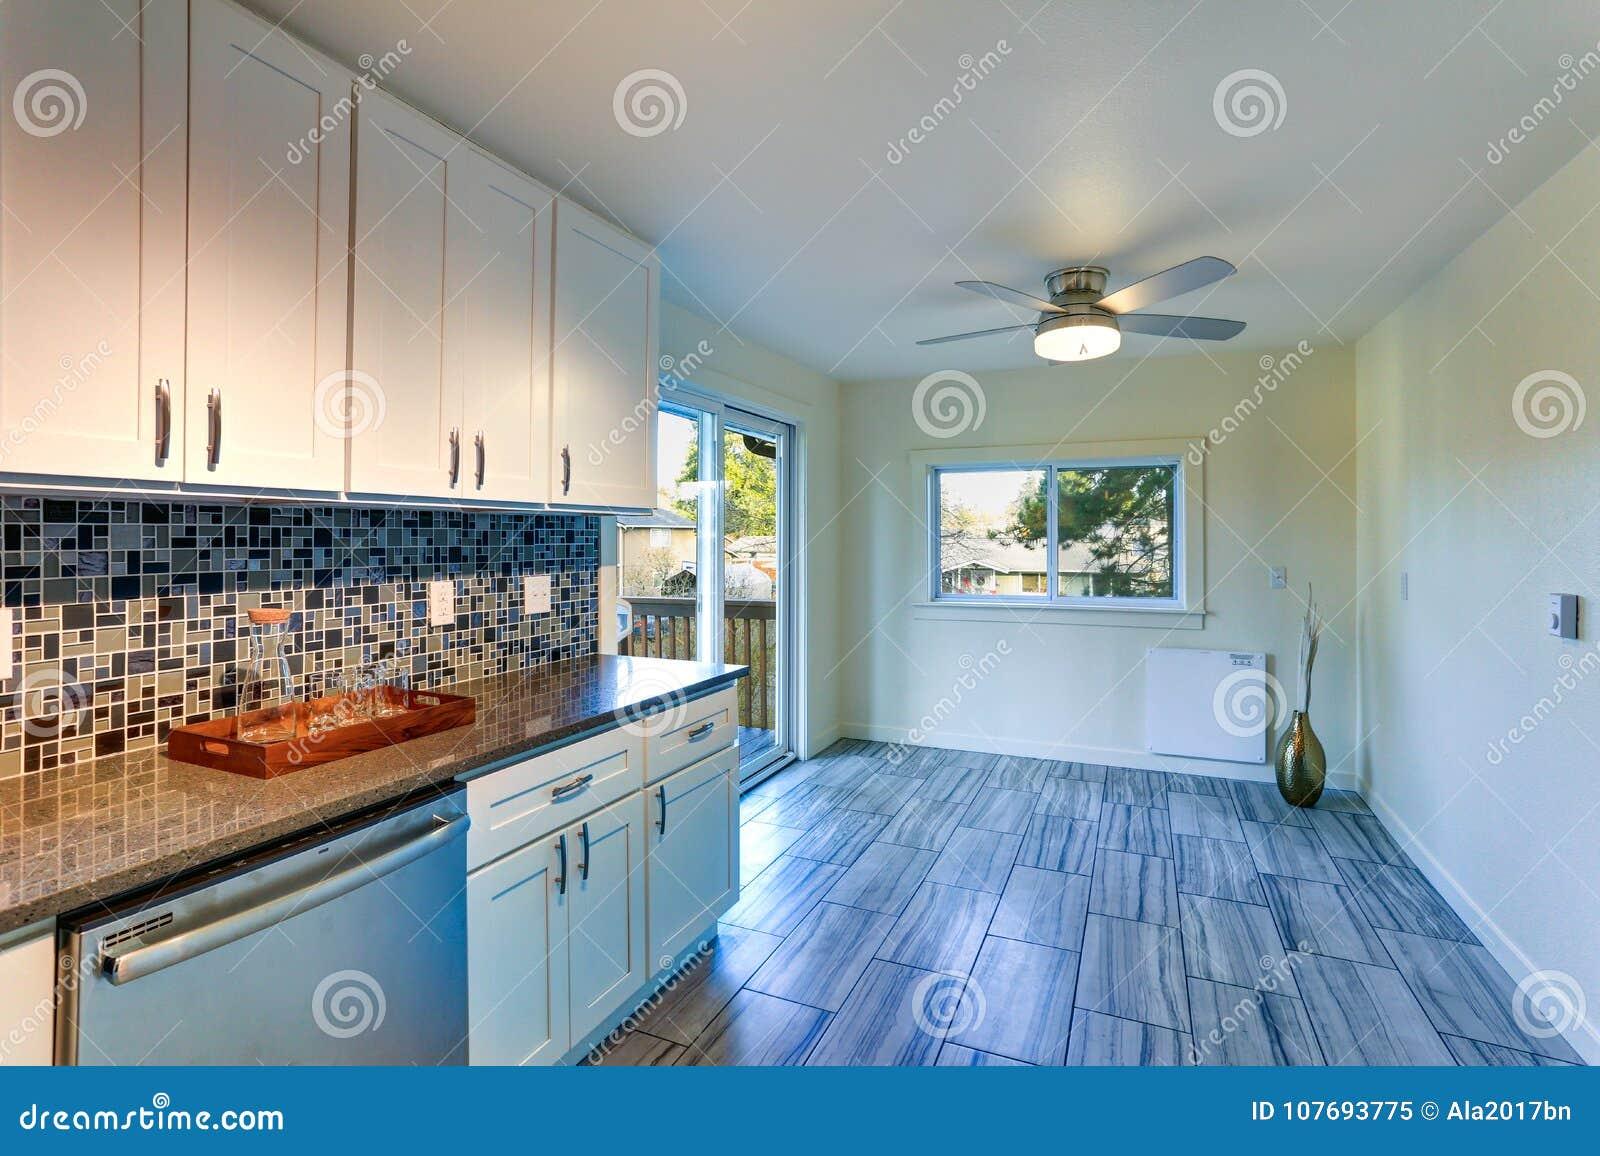 L-shape Kitchen Room Design Stock Image - Image of estate, granite ...